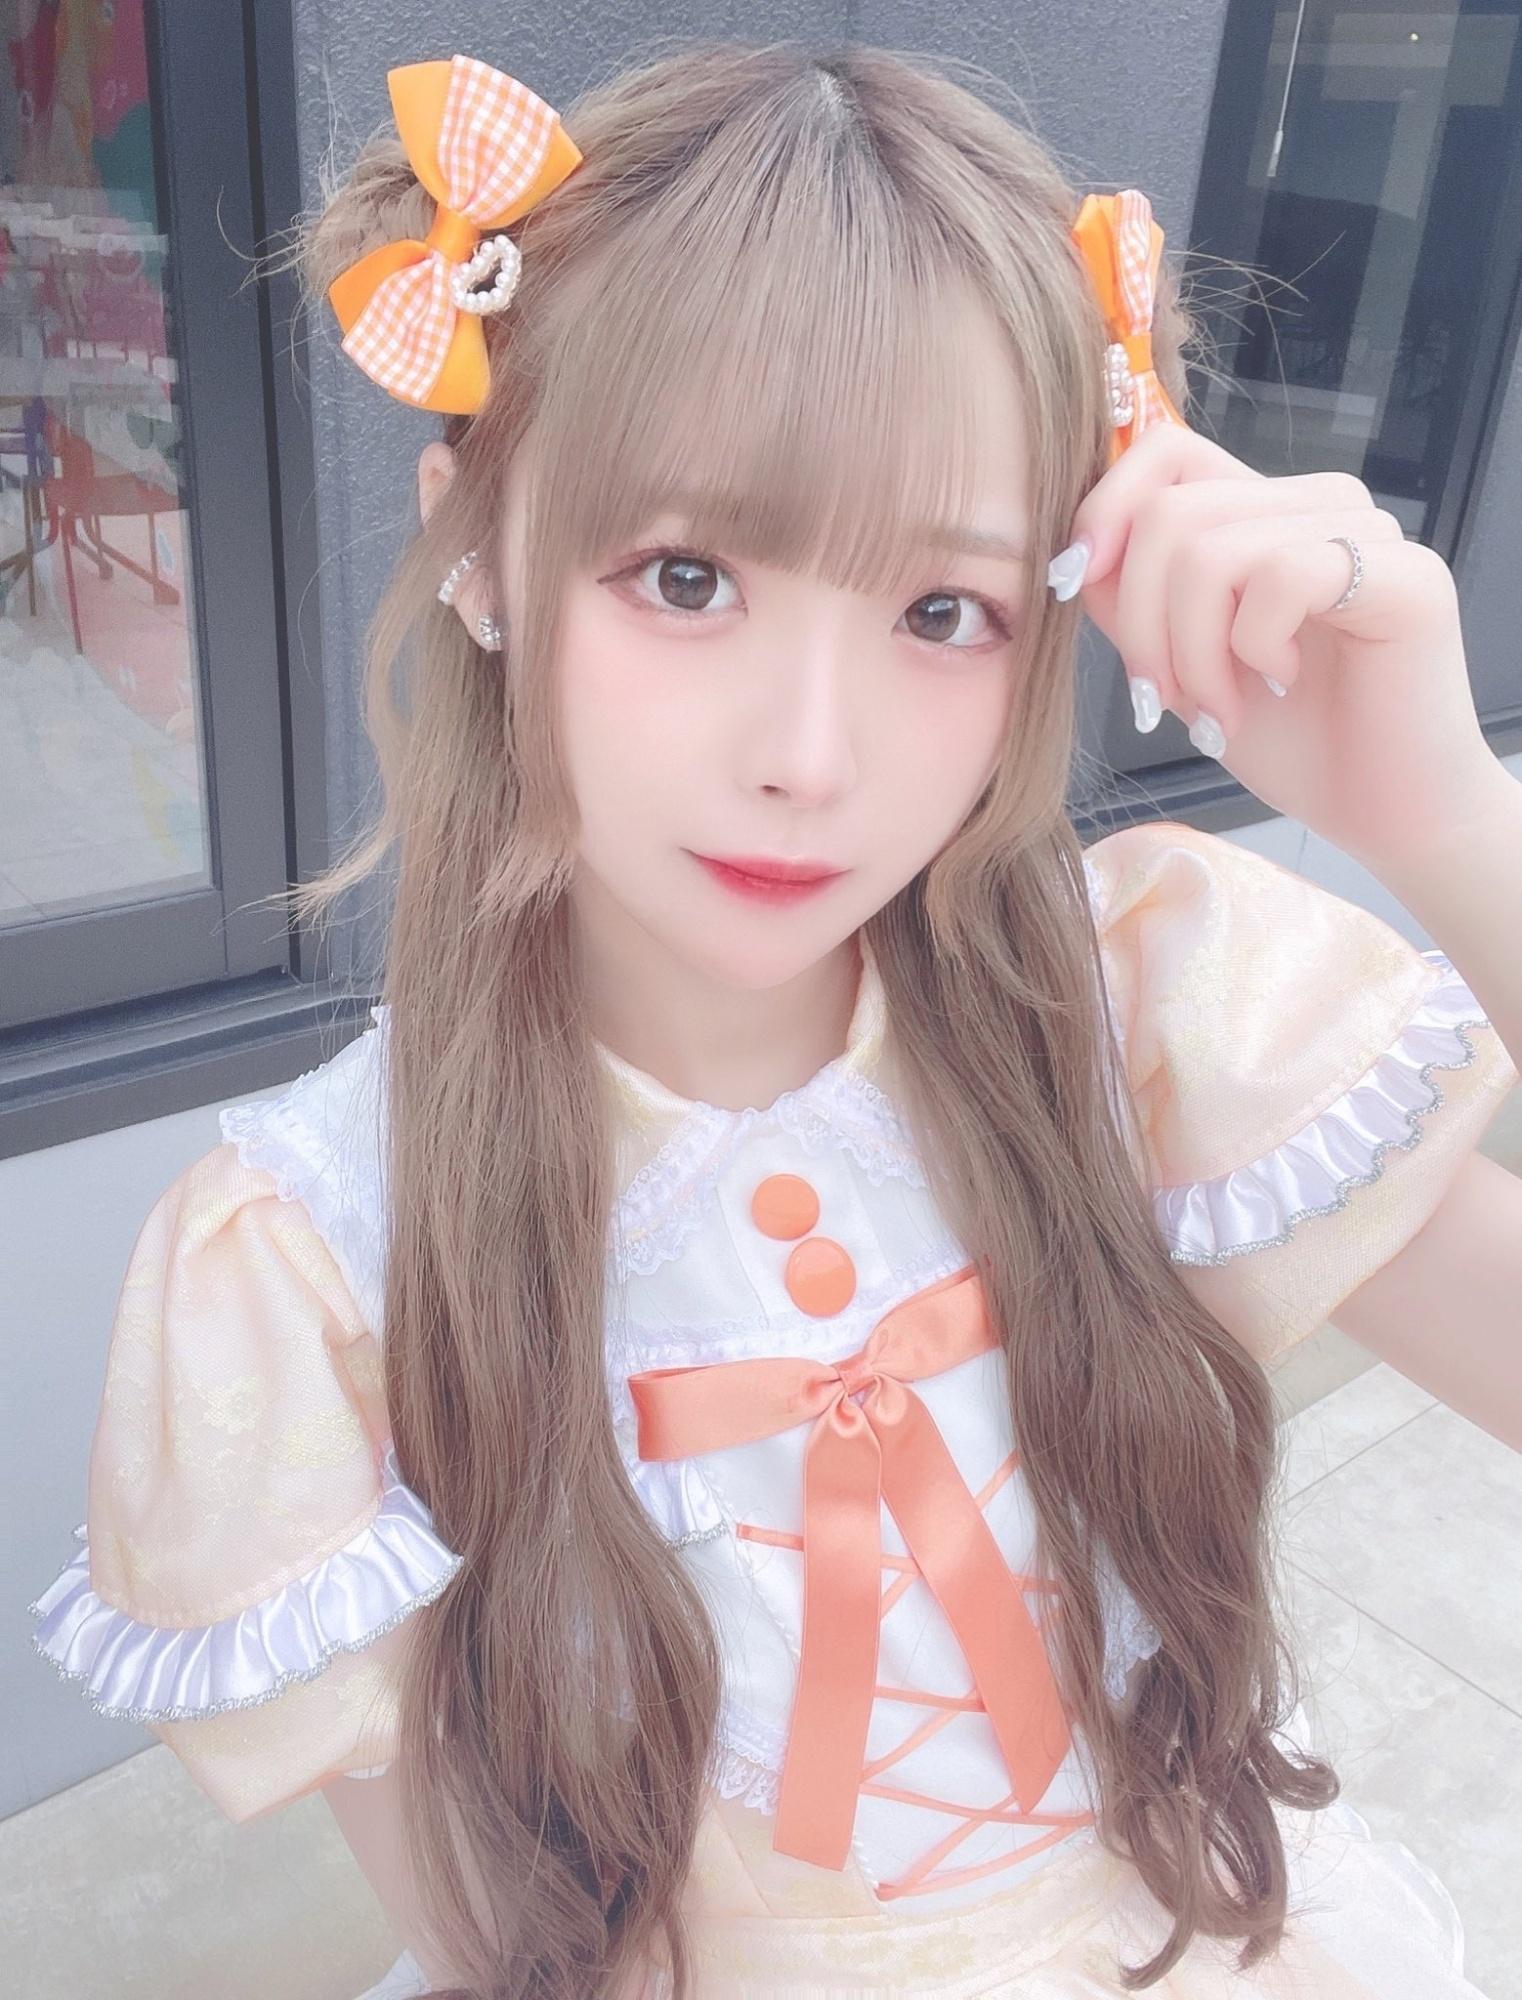 18岁偶像团体「灰姑娘宣言」的成员ぬう,制服造型好梦幻-新图包